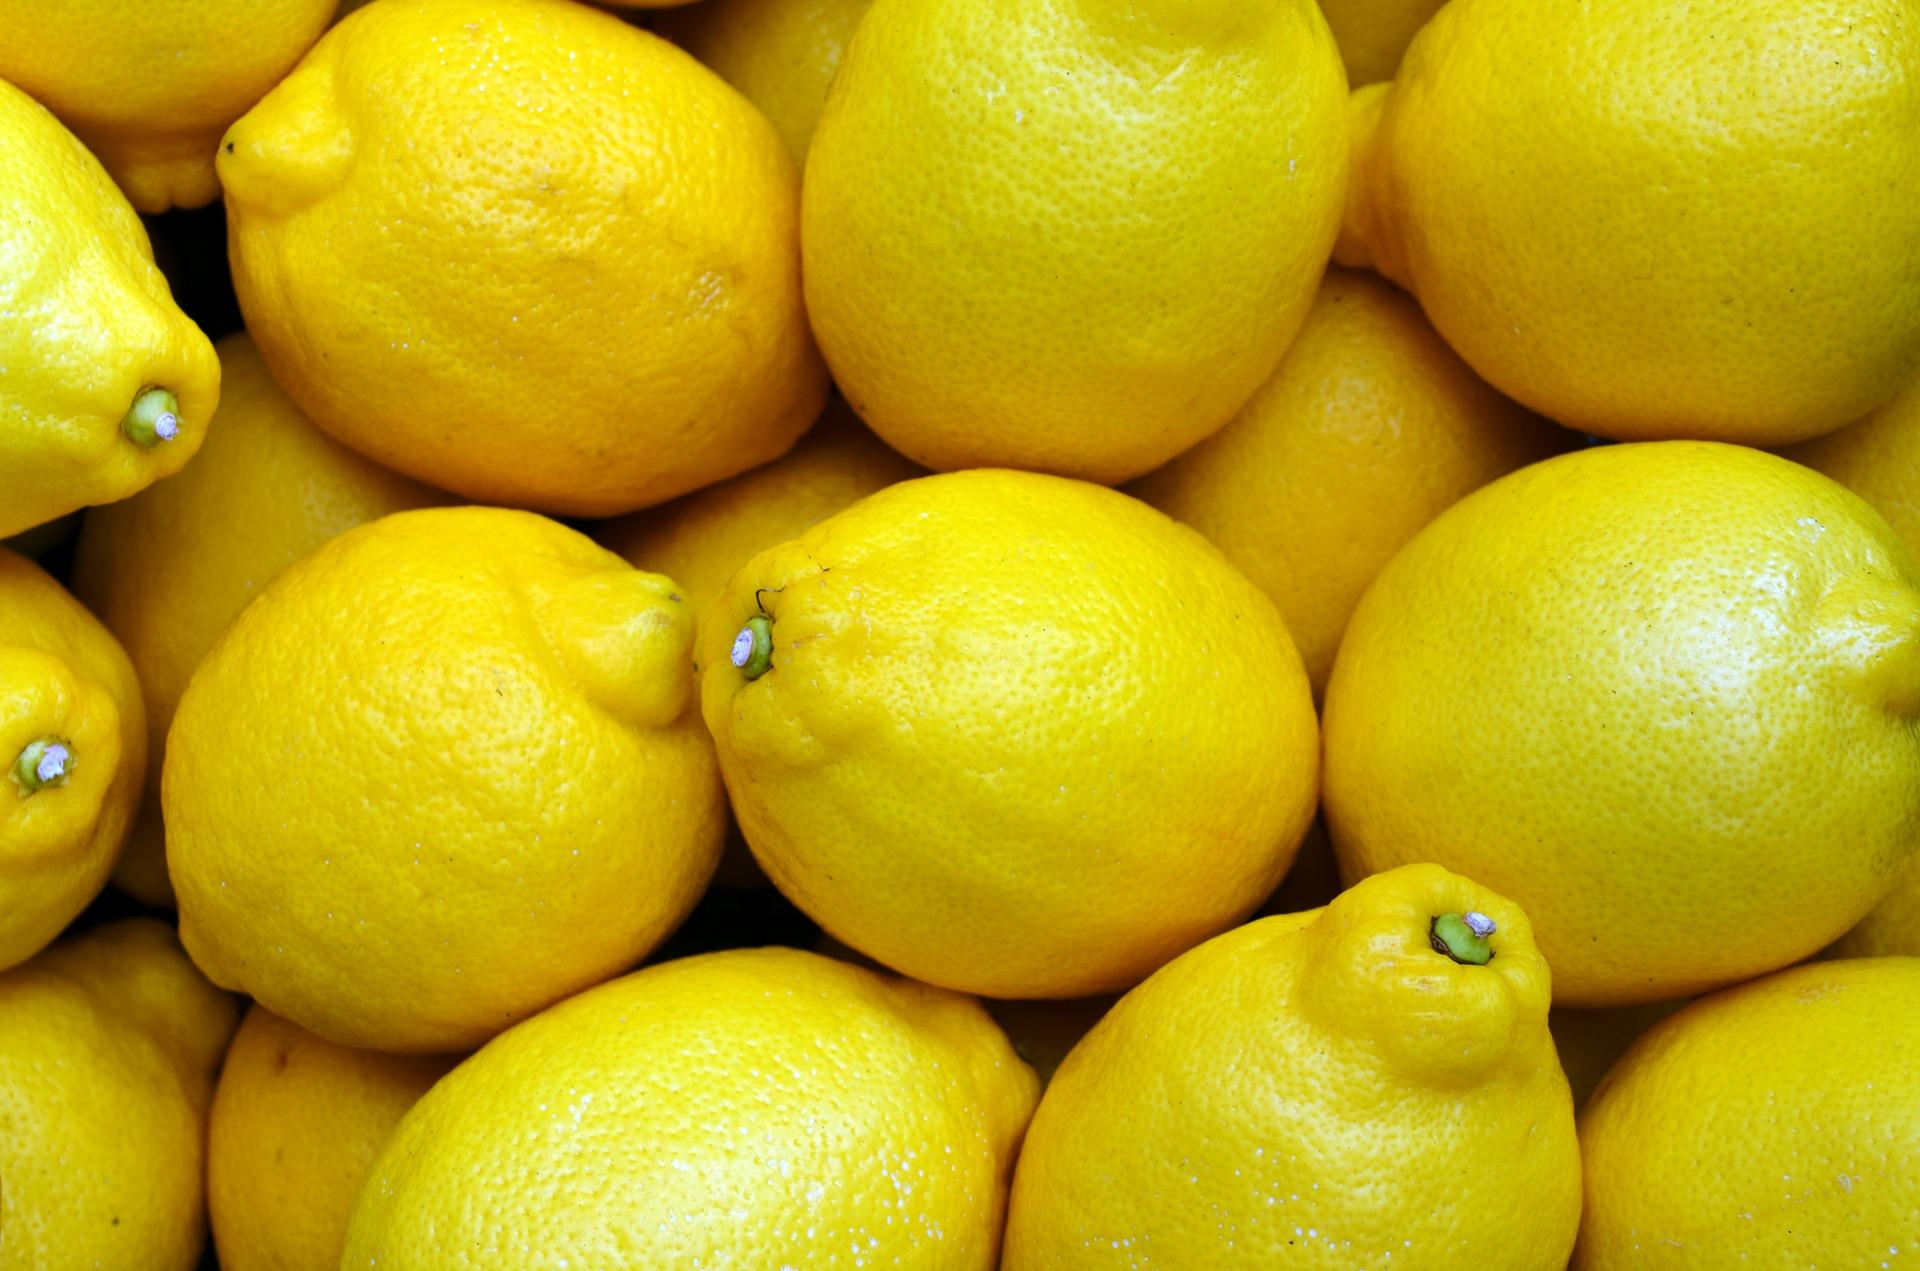 importateur-en-france-de-citron-2